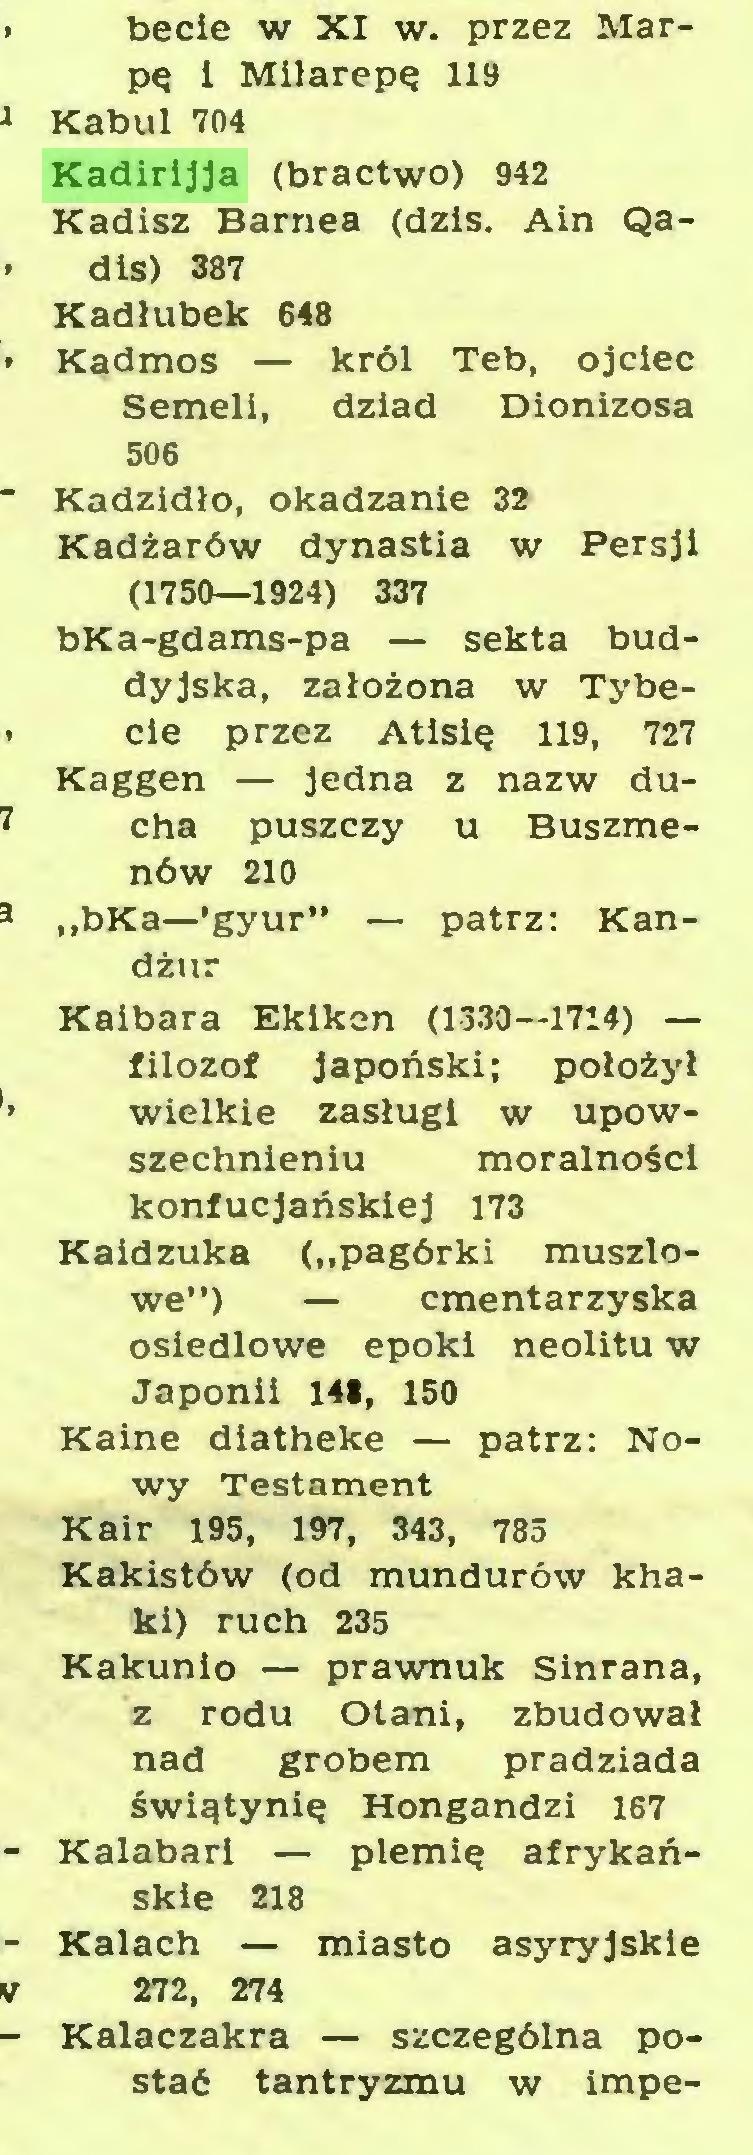 """(...) becie w XI w. przez Marpę 1 Milarepę 119 Kabul 704 Kadirijja (bractwo) 942 Kadisz Barnea (dziś. Ain Qadis) 387 Kadłubek 648 Kadmos — król Teb, ojciec Semeli, dziad Dionizosa 506 Kadzidło, okadzanie 32 Kadżarów dynastia w Persji (1750—1924) 337 bKa-gdams-pa — sekta buddyjska, założona w Tybecie przez Atisię 119, 727 Kaggen — jedna z nazw ducha puszczy u Buszmenów 210 """"bKa—'gyur"""" — patrz: Kandżur Kaibara Ekiken (1330—1714) — filozof japoński; położył wielkie zasługi w upowszechnieniu moralności konfucjańskiej 173 Kaidzuka (""""pagórki muszlowe"""") — cmentarzyska osiedlowe epoki neolitu w Japonii 141, 150 Kaine diatheke — patrz: Nowy Testament Kair 195, 197, 343, 785 Kakistów (od mundurów khaki) ruch 235 Kakunio — prawnuk Sinrana, z rodu Otani, zbudował nad grobem pradziada świątynię Hongandzi 167 Kalabari — plemię afrykańskie 218 Kałach — miasto asyryjskie 272, 274 Kalaczakra — szczególna postać tantryzmu w impe..."""